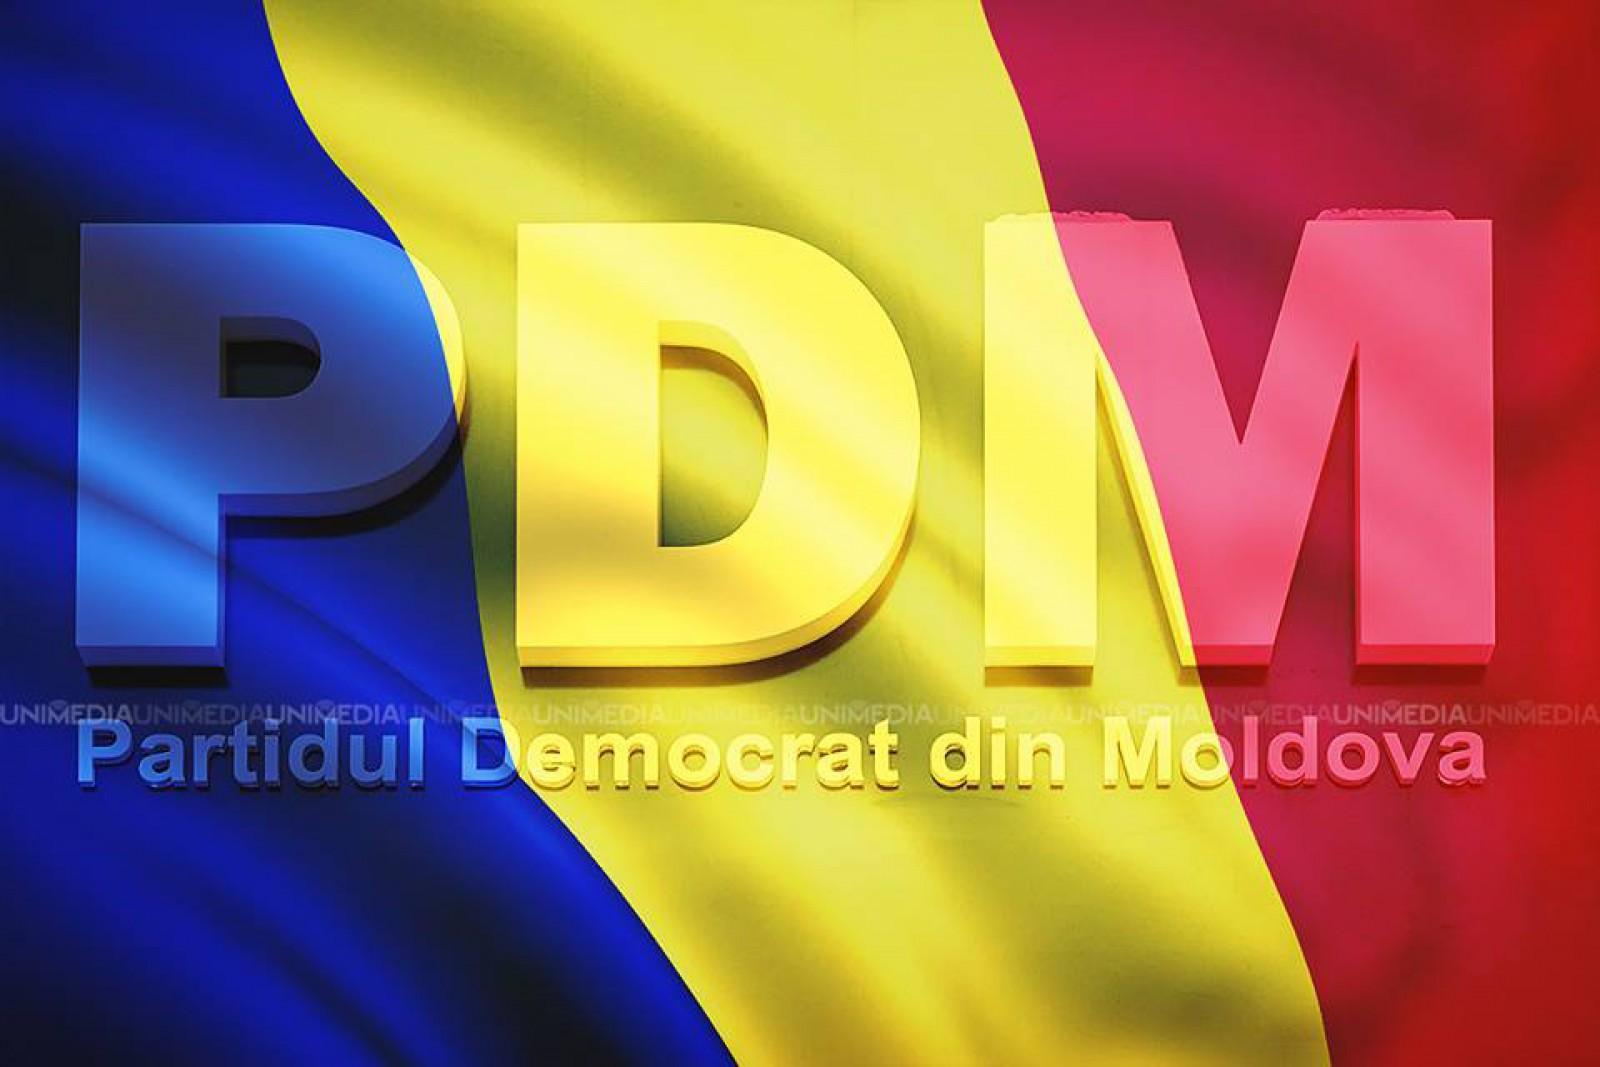 """(video) În timp ce trei primari de la PDM au semnat Declarația simbolică de Unire cu România, Gamurari: """"Pot apărea declarații de unire și cu alte state"""""""